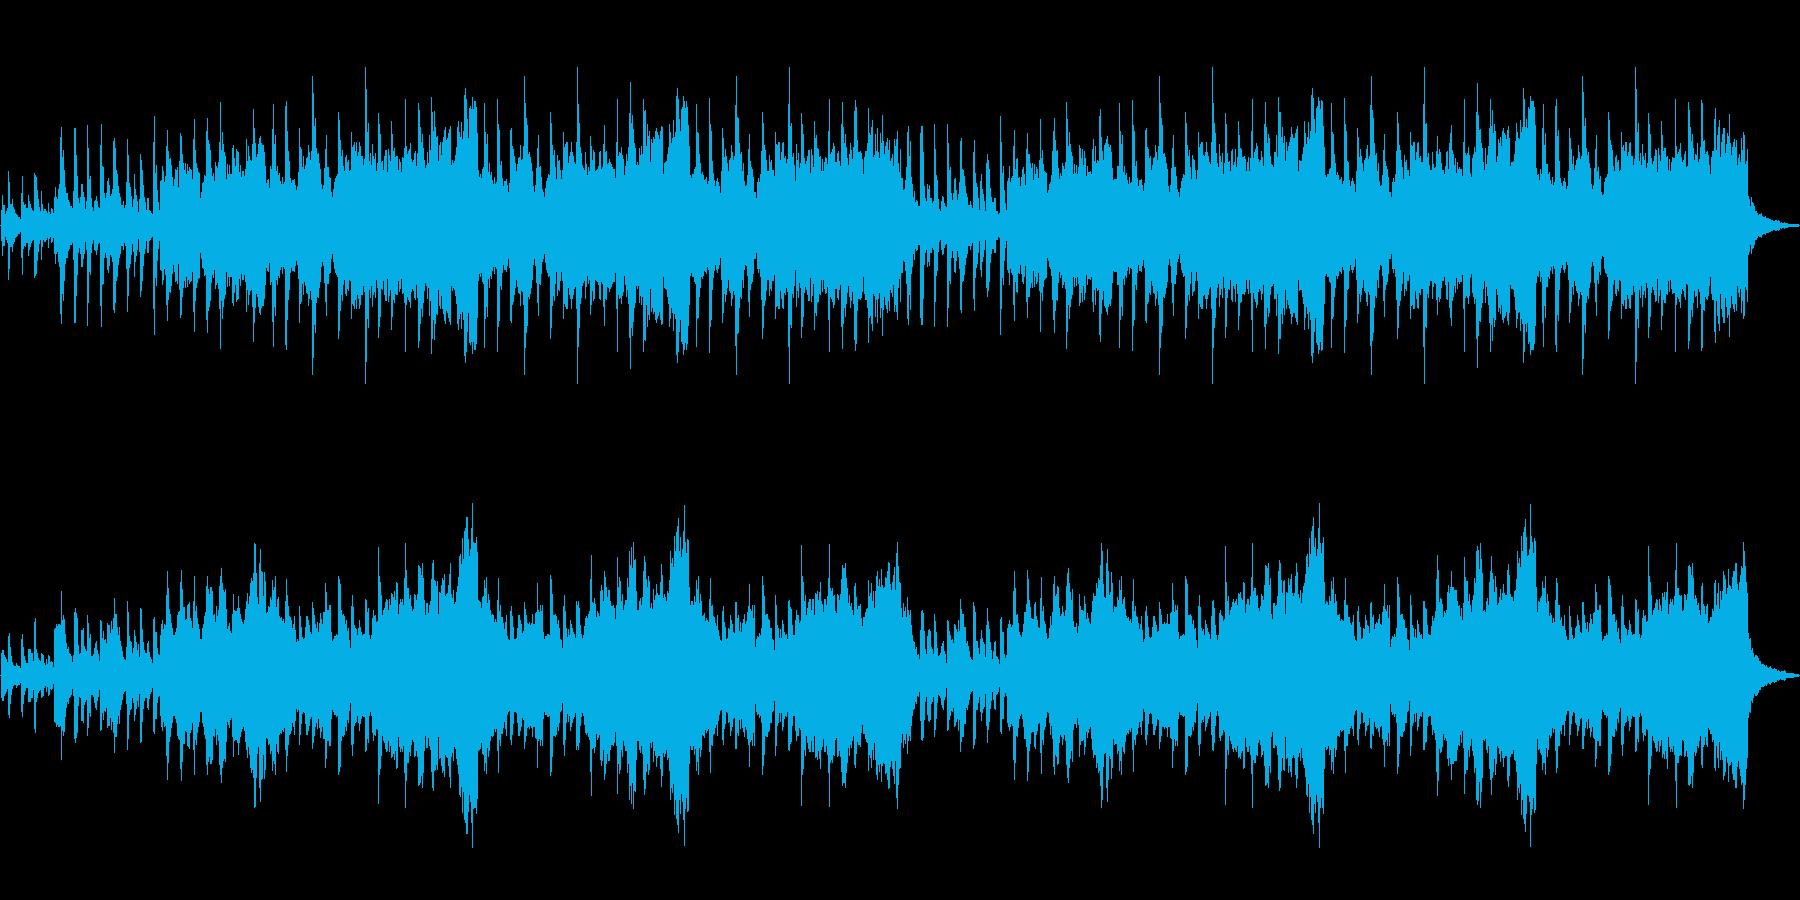 ピチカートオーボエクラリネットの優しい音の再生済みの波形